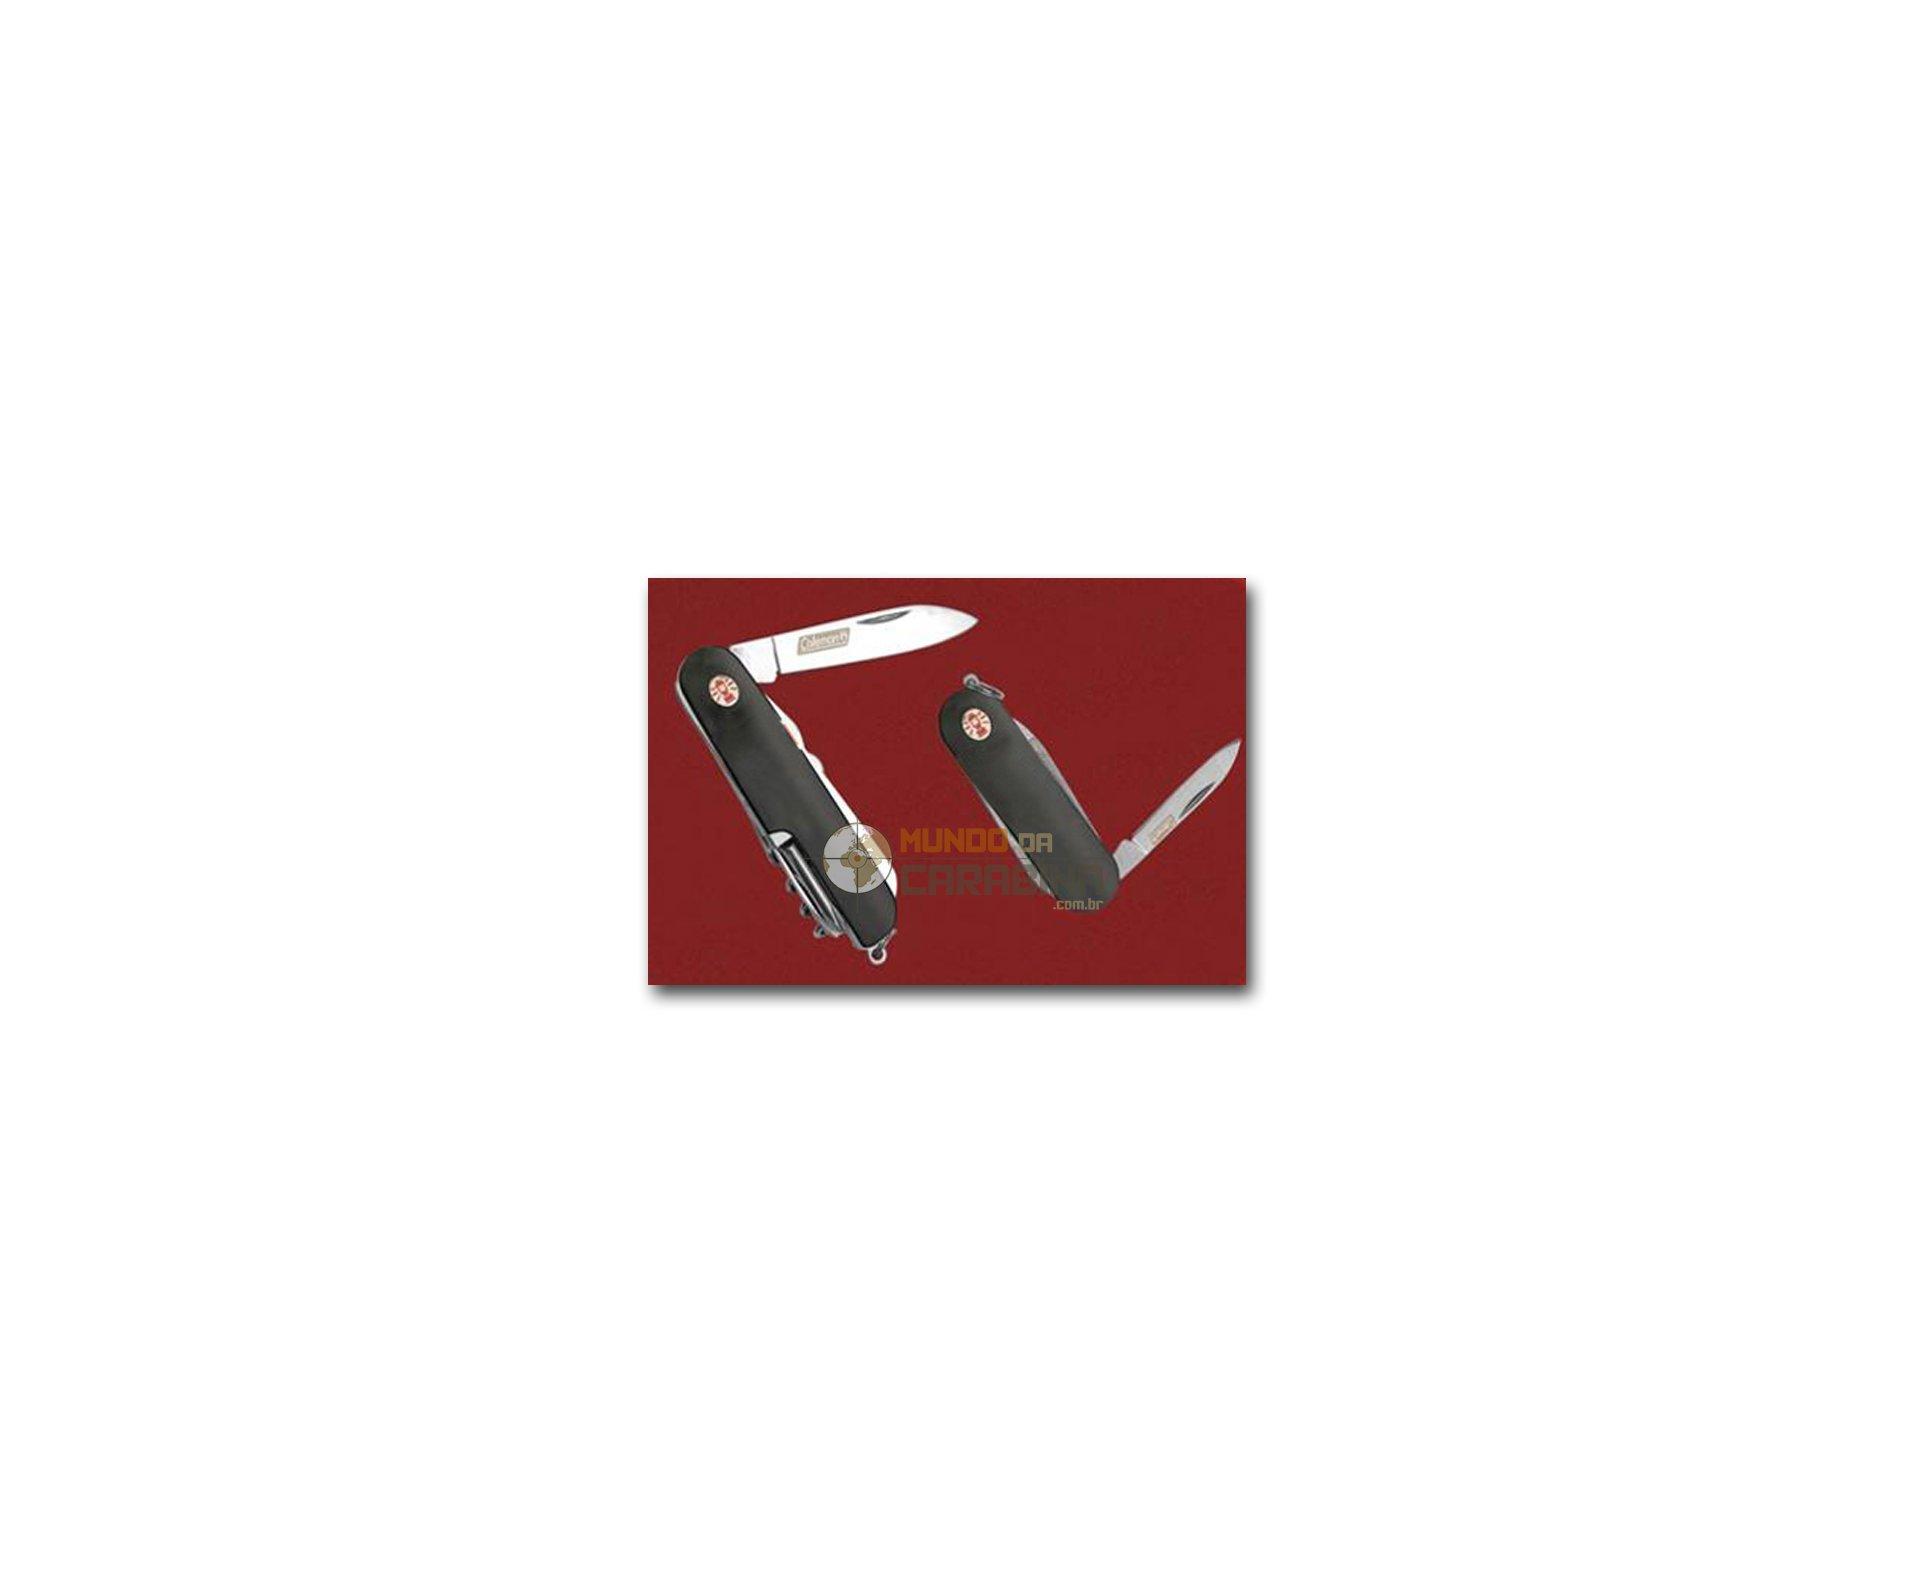 Canivete Multi Funções Knife Edição Limitada - Coleman